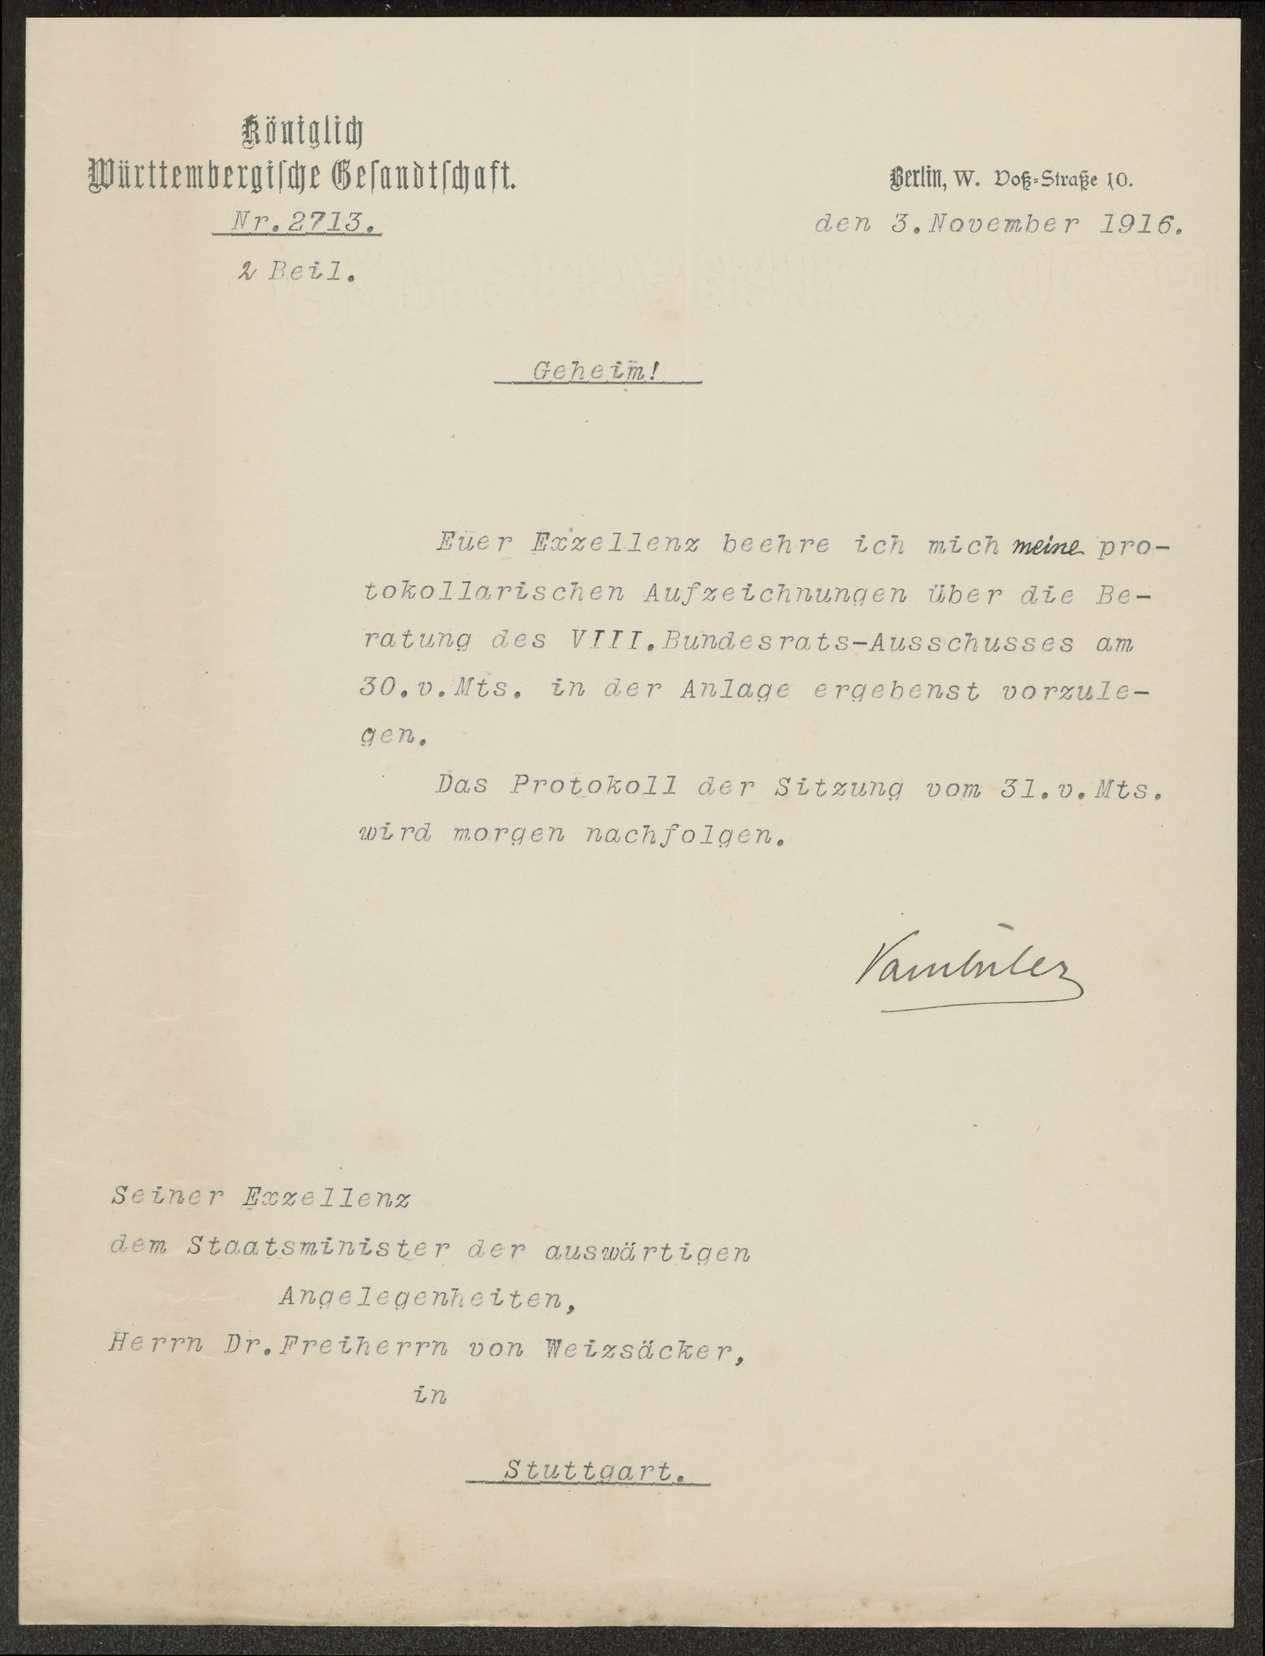 Sitzung des VIII. Bundesratsausschusses für auswärtige Angelegenheiten am 27. November 1909, 21. November 1909, 15. März 1912, 30. November 1912, 24. November 1913, 30. November 1915, 15. März 1916, 8./9. August 1916 und 30./31 Oktober 1916. Protokolle, Notizen, Berichte, Bild 2